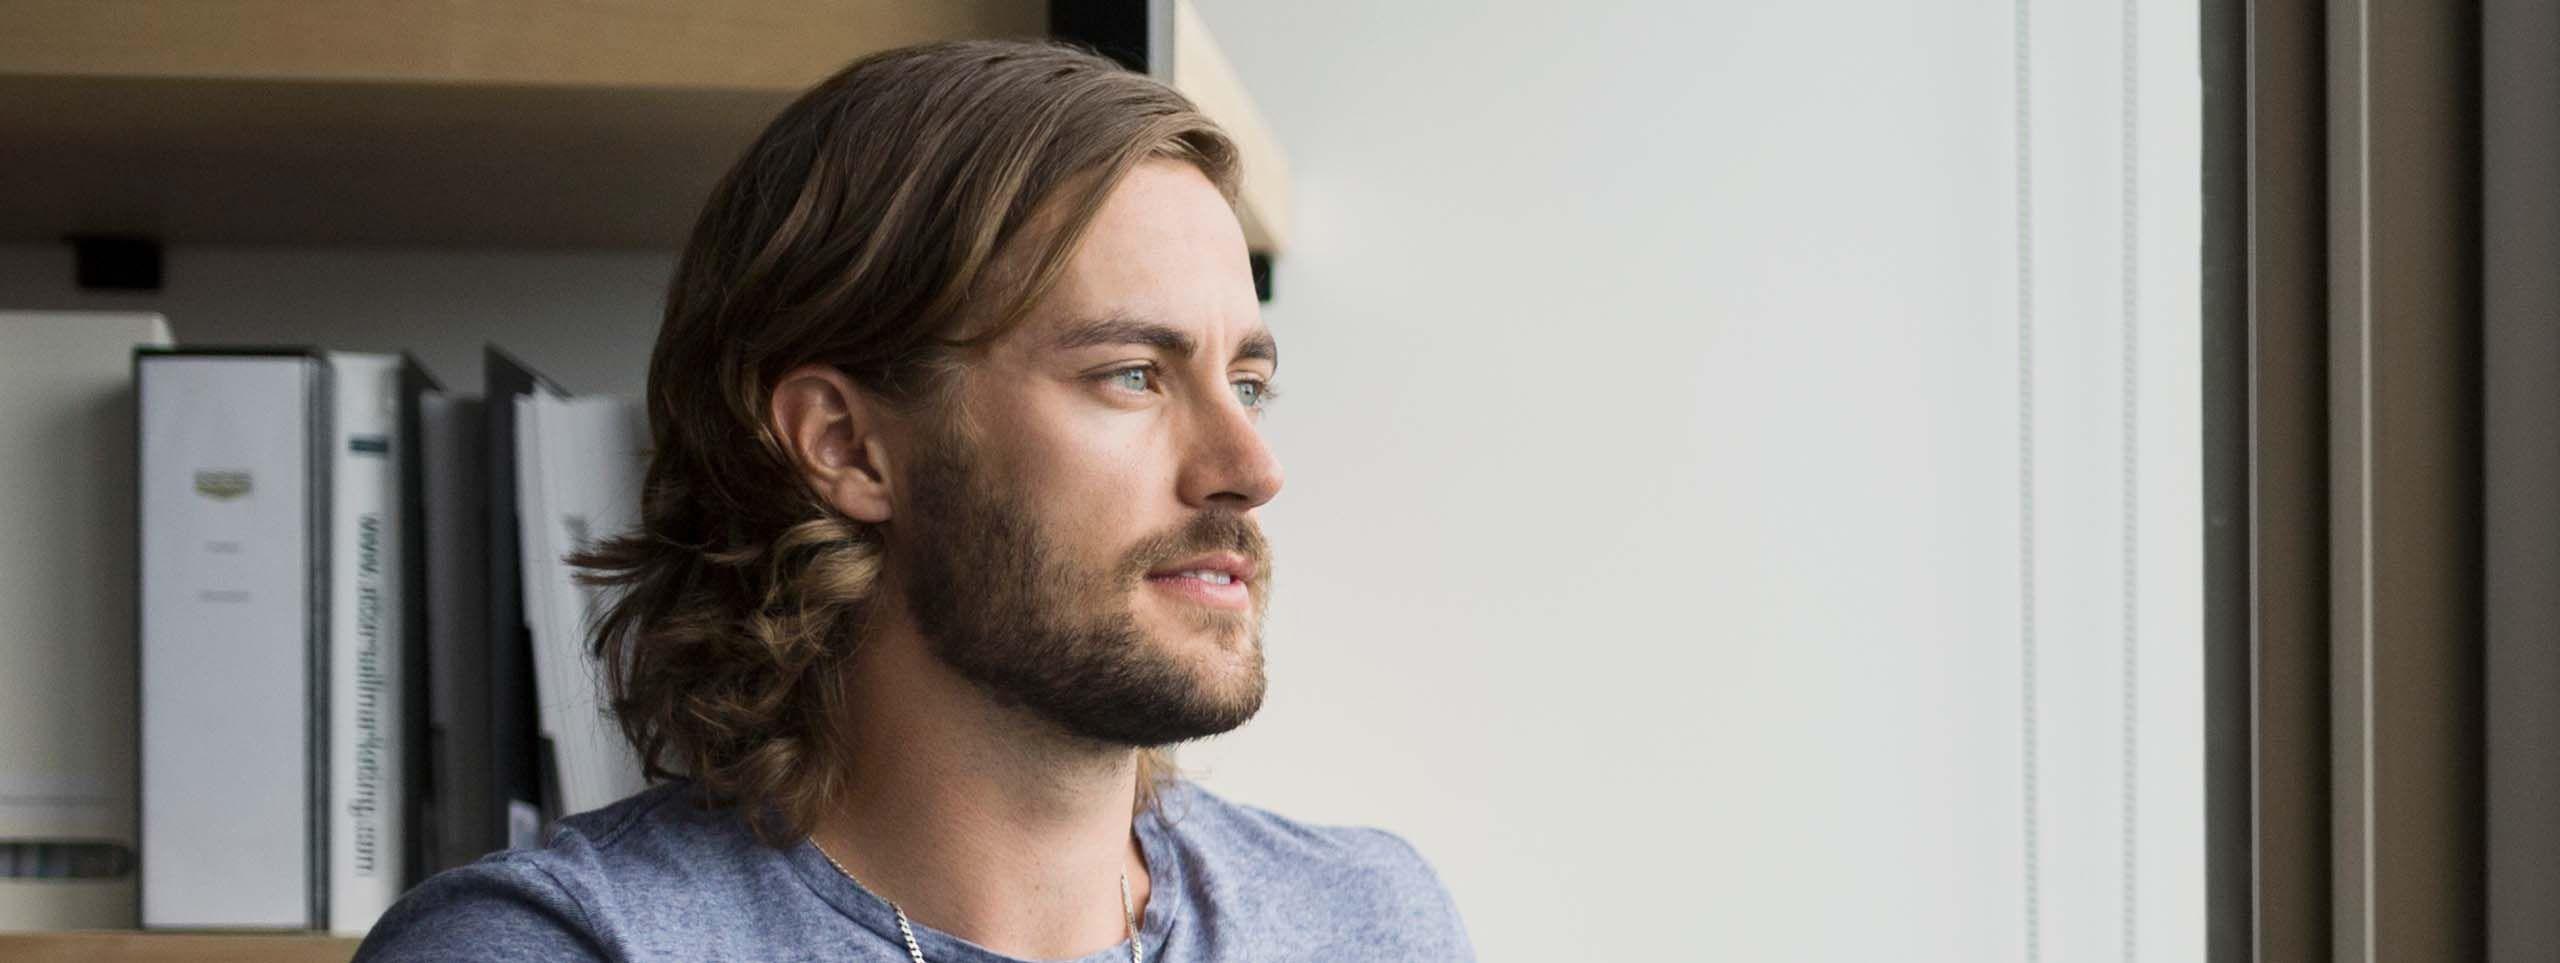 Muškarac sa kosom dužine do ramena i bradom koji drži šoljicu i gleda kroz prozor